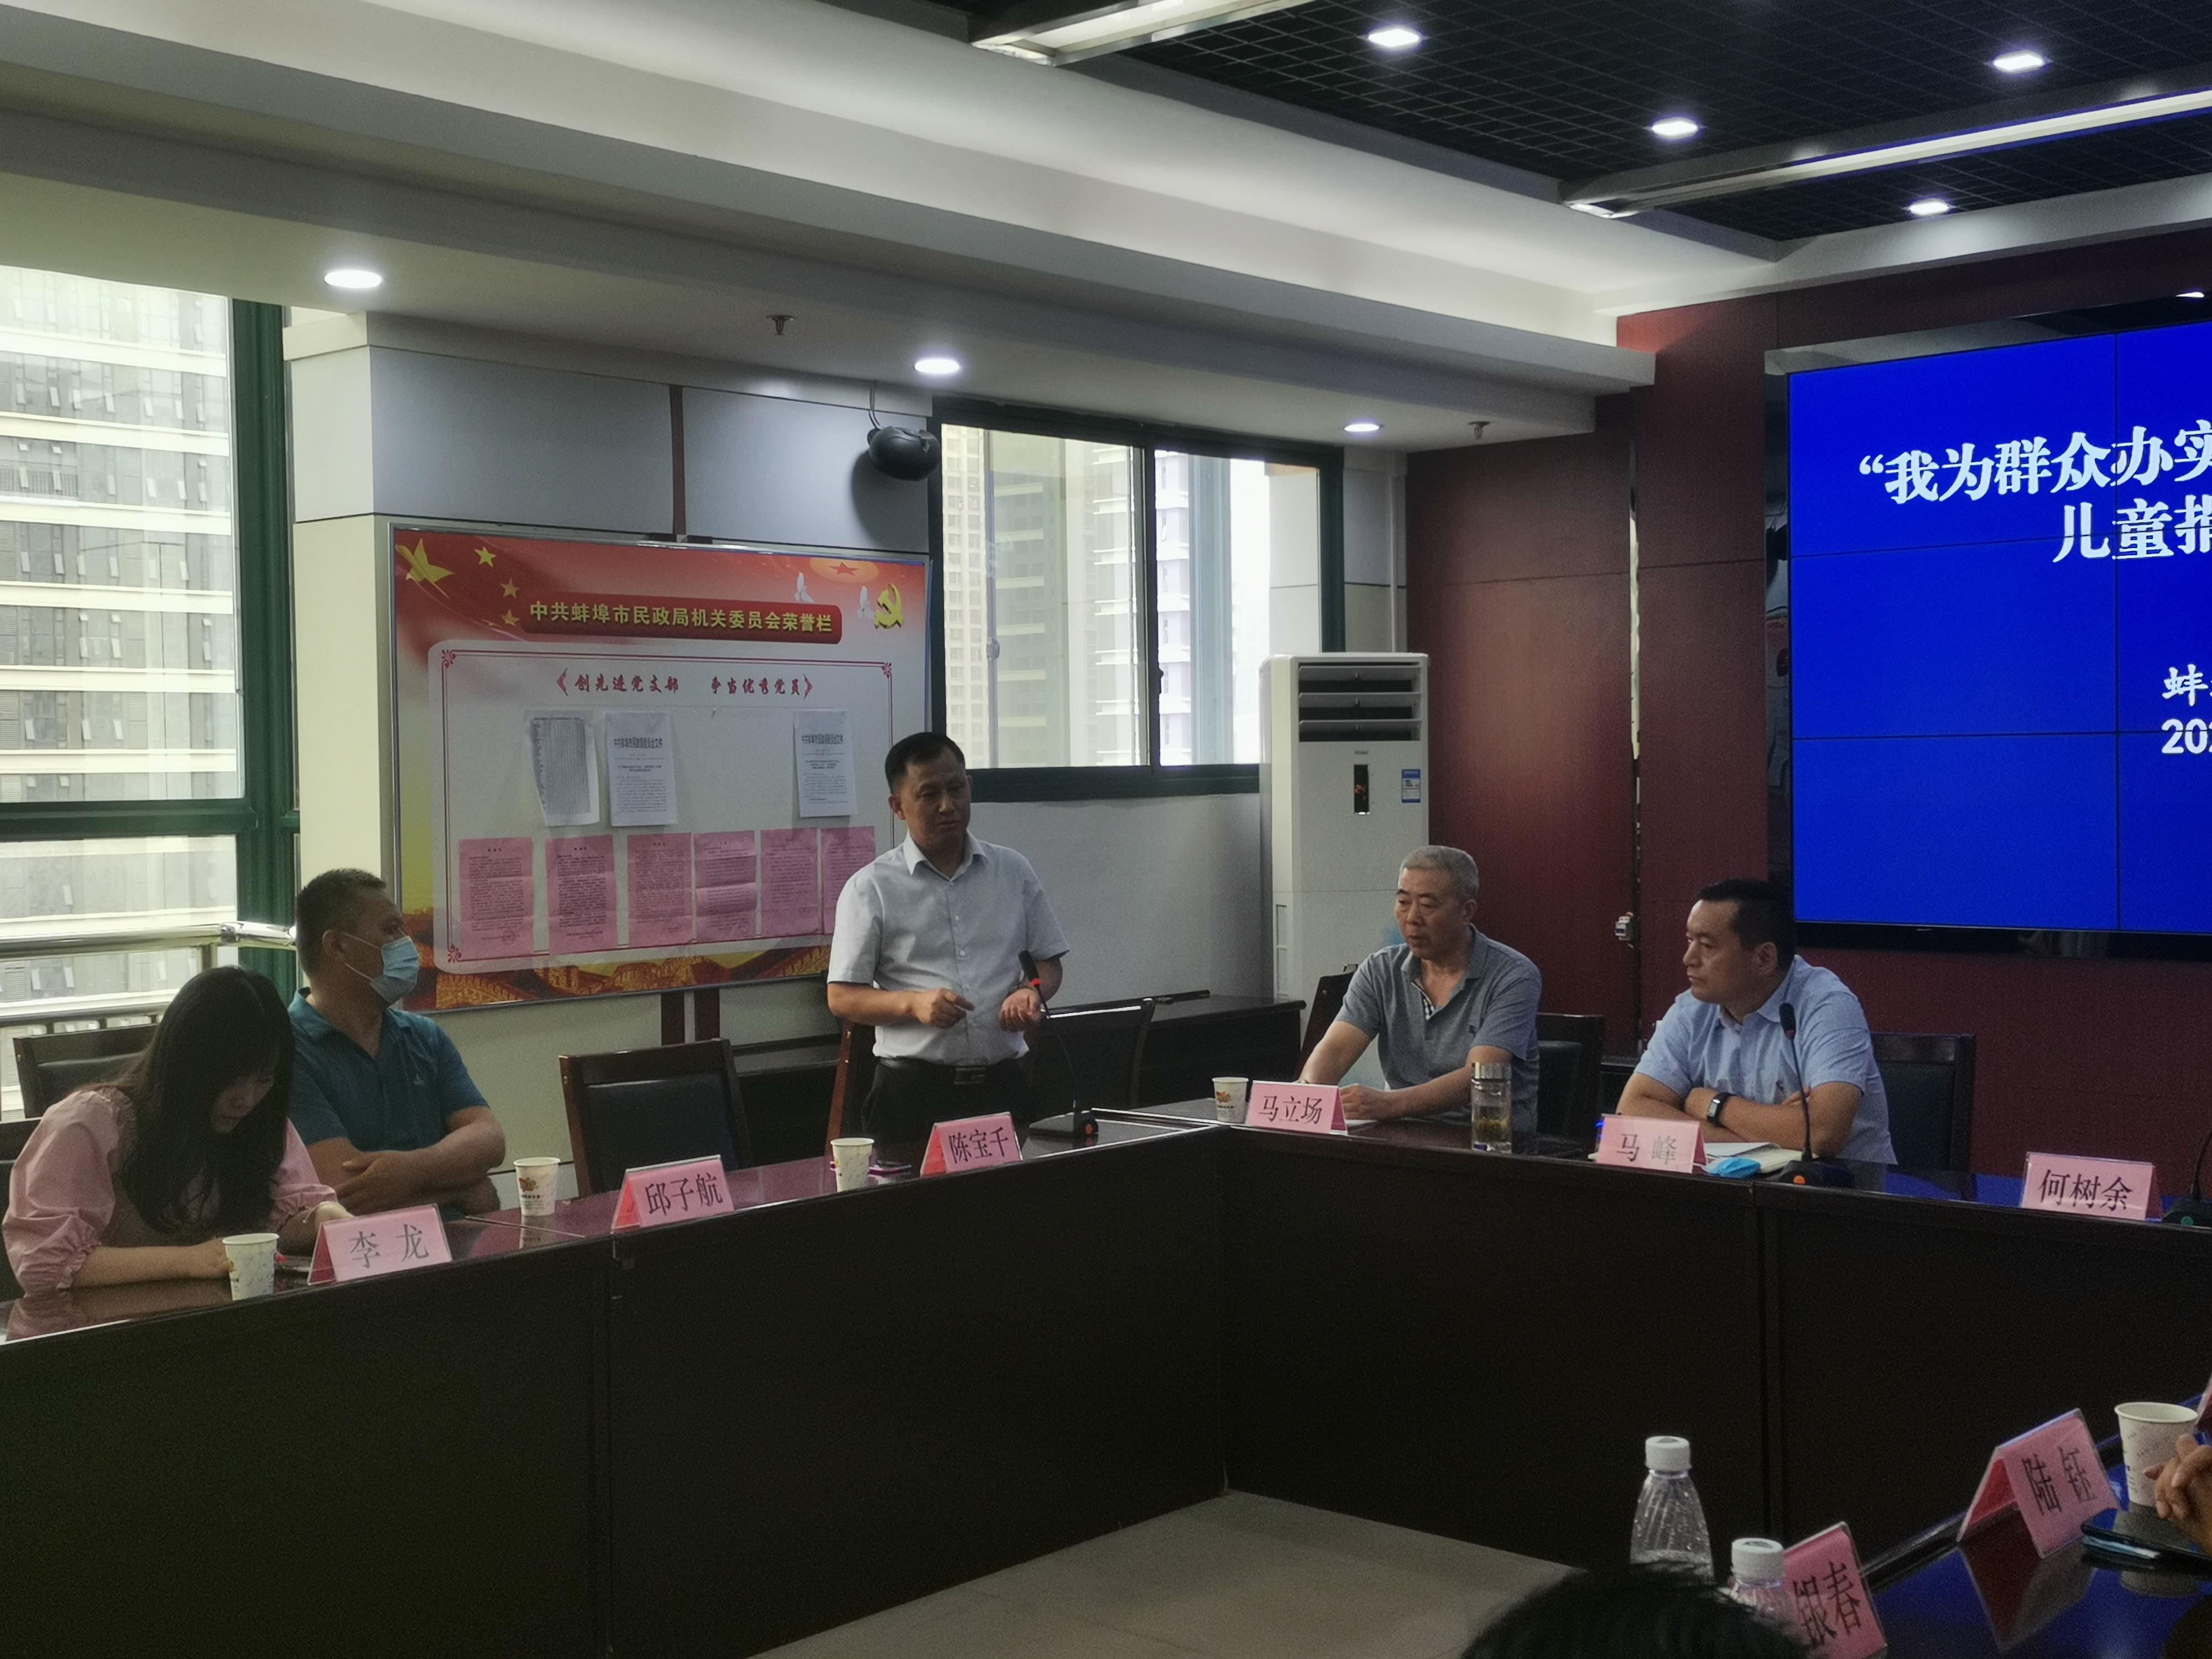 安徽省蚌埠市12名无人抚养学生得到救助